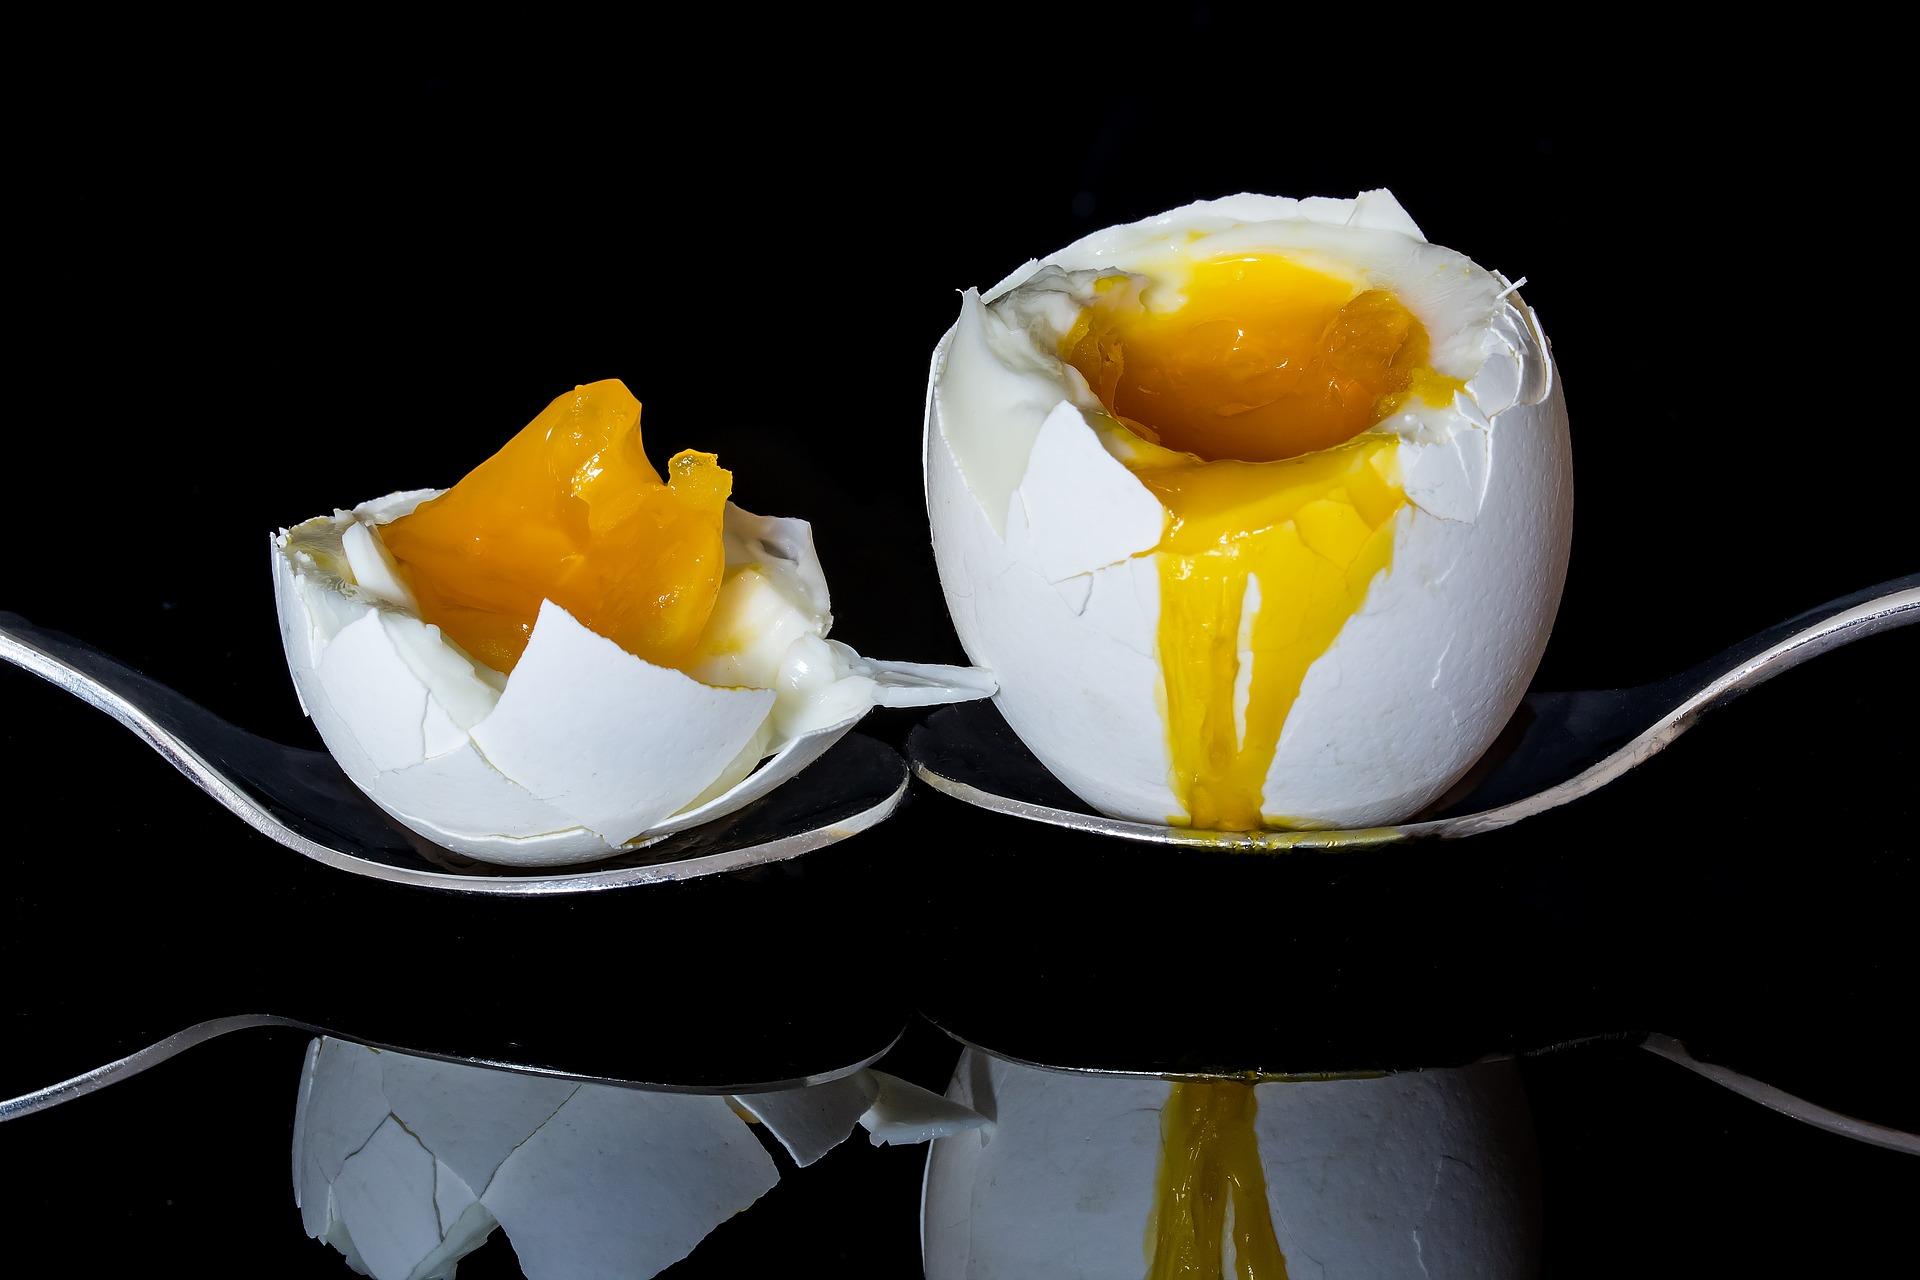 żółtko jaja jak wykrozystać żółtko wartości odżywcze żółtka